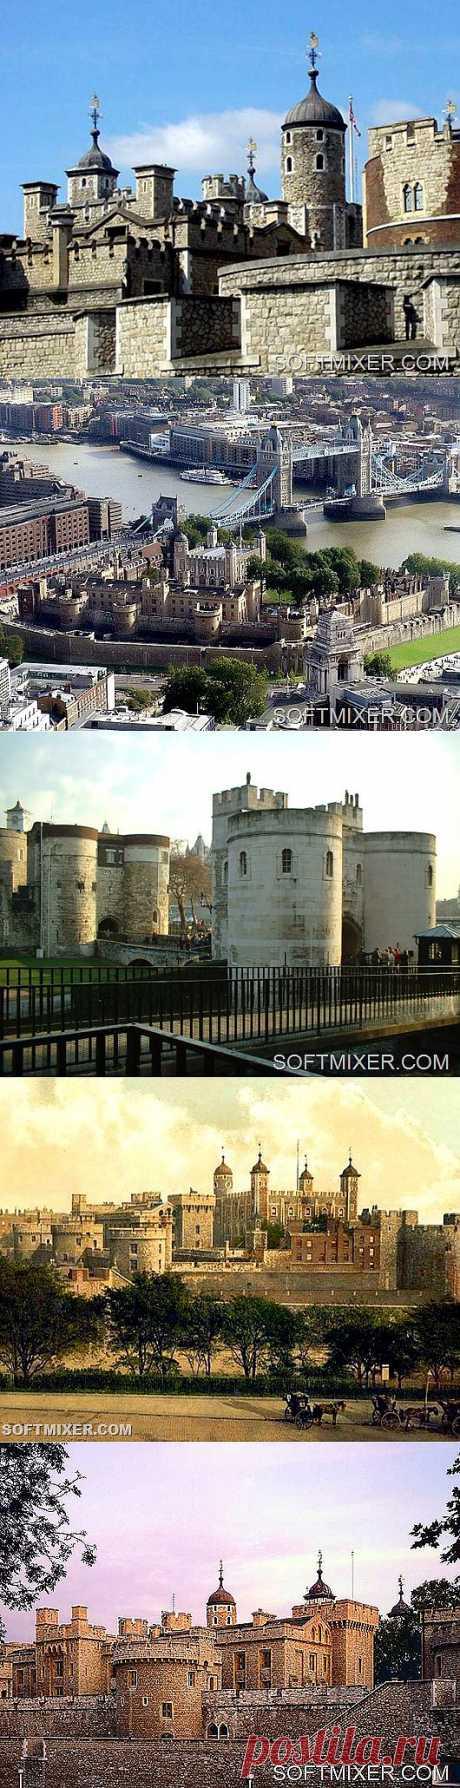 Лондонский Тауэр: Сквозь туманы и века...   SOFTMIXER